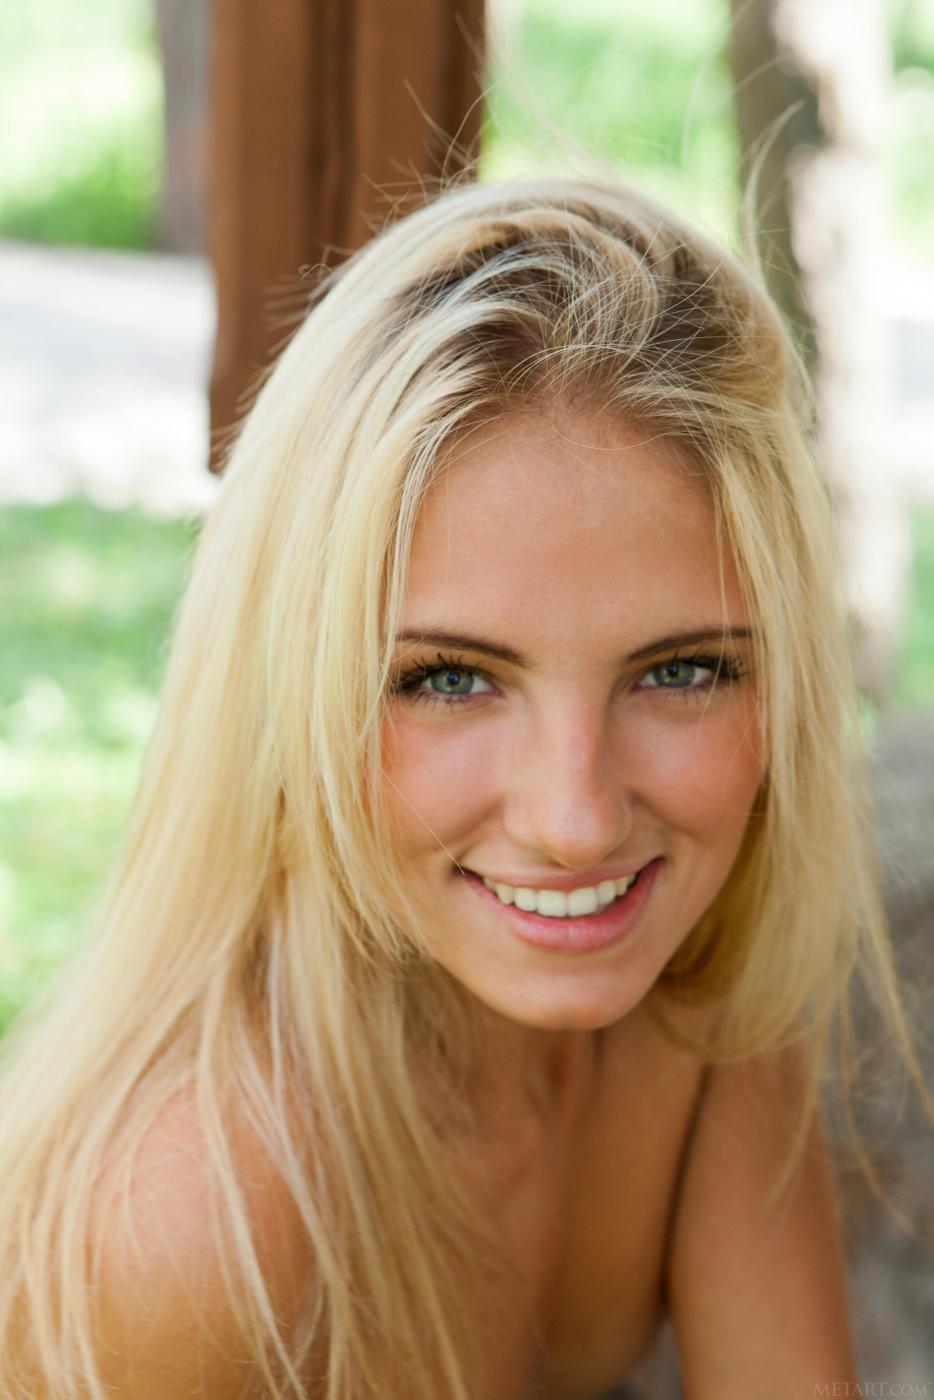 Jaime A - стройная светлая модель с красивой улыбкой и возбужденной промежностью, идеальной для сексуальных фото